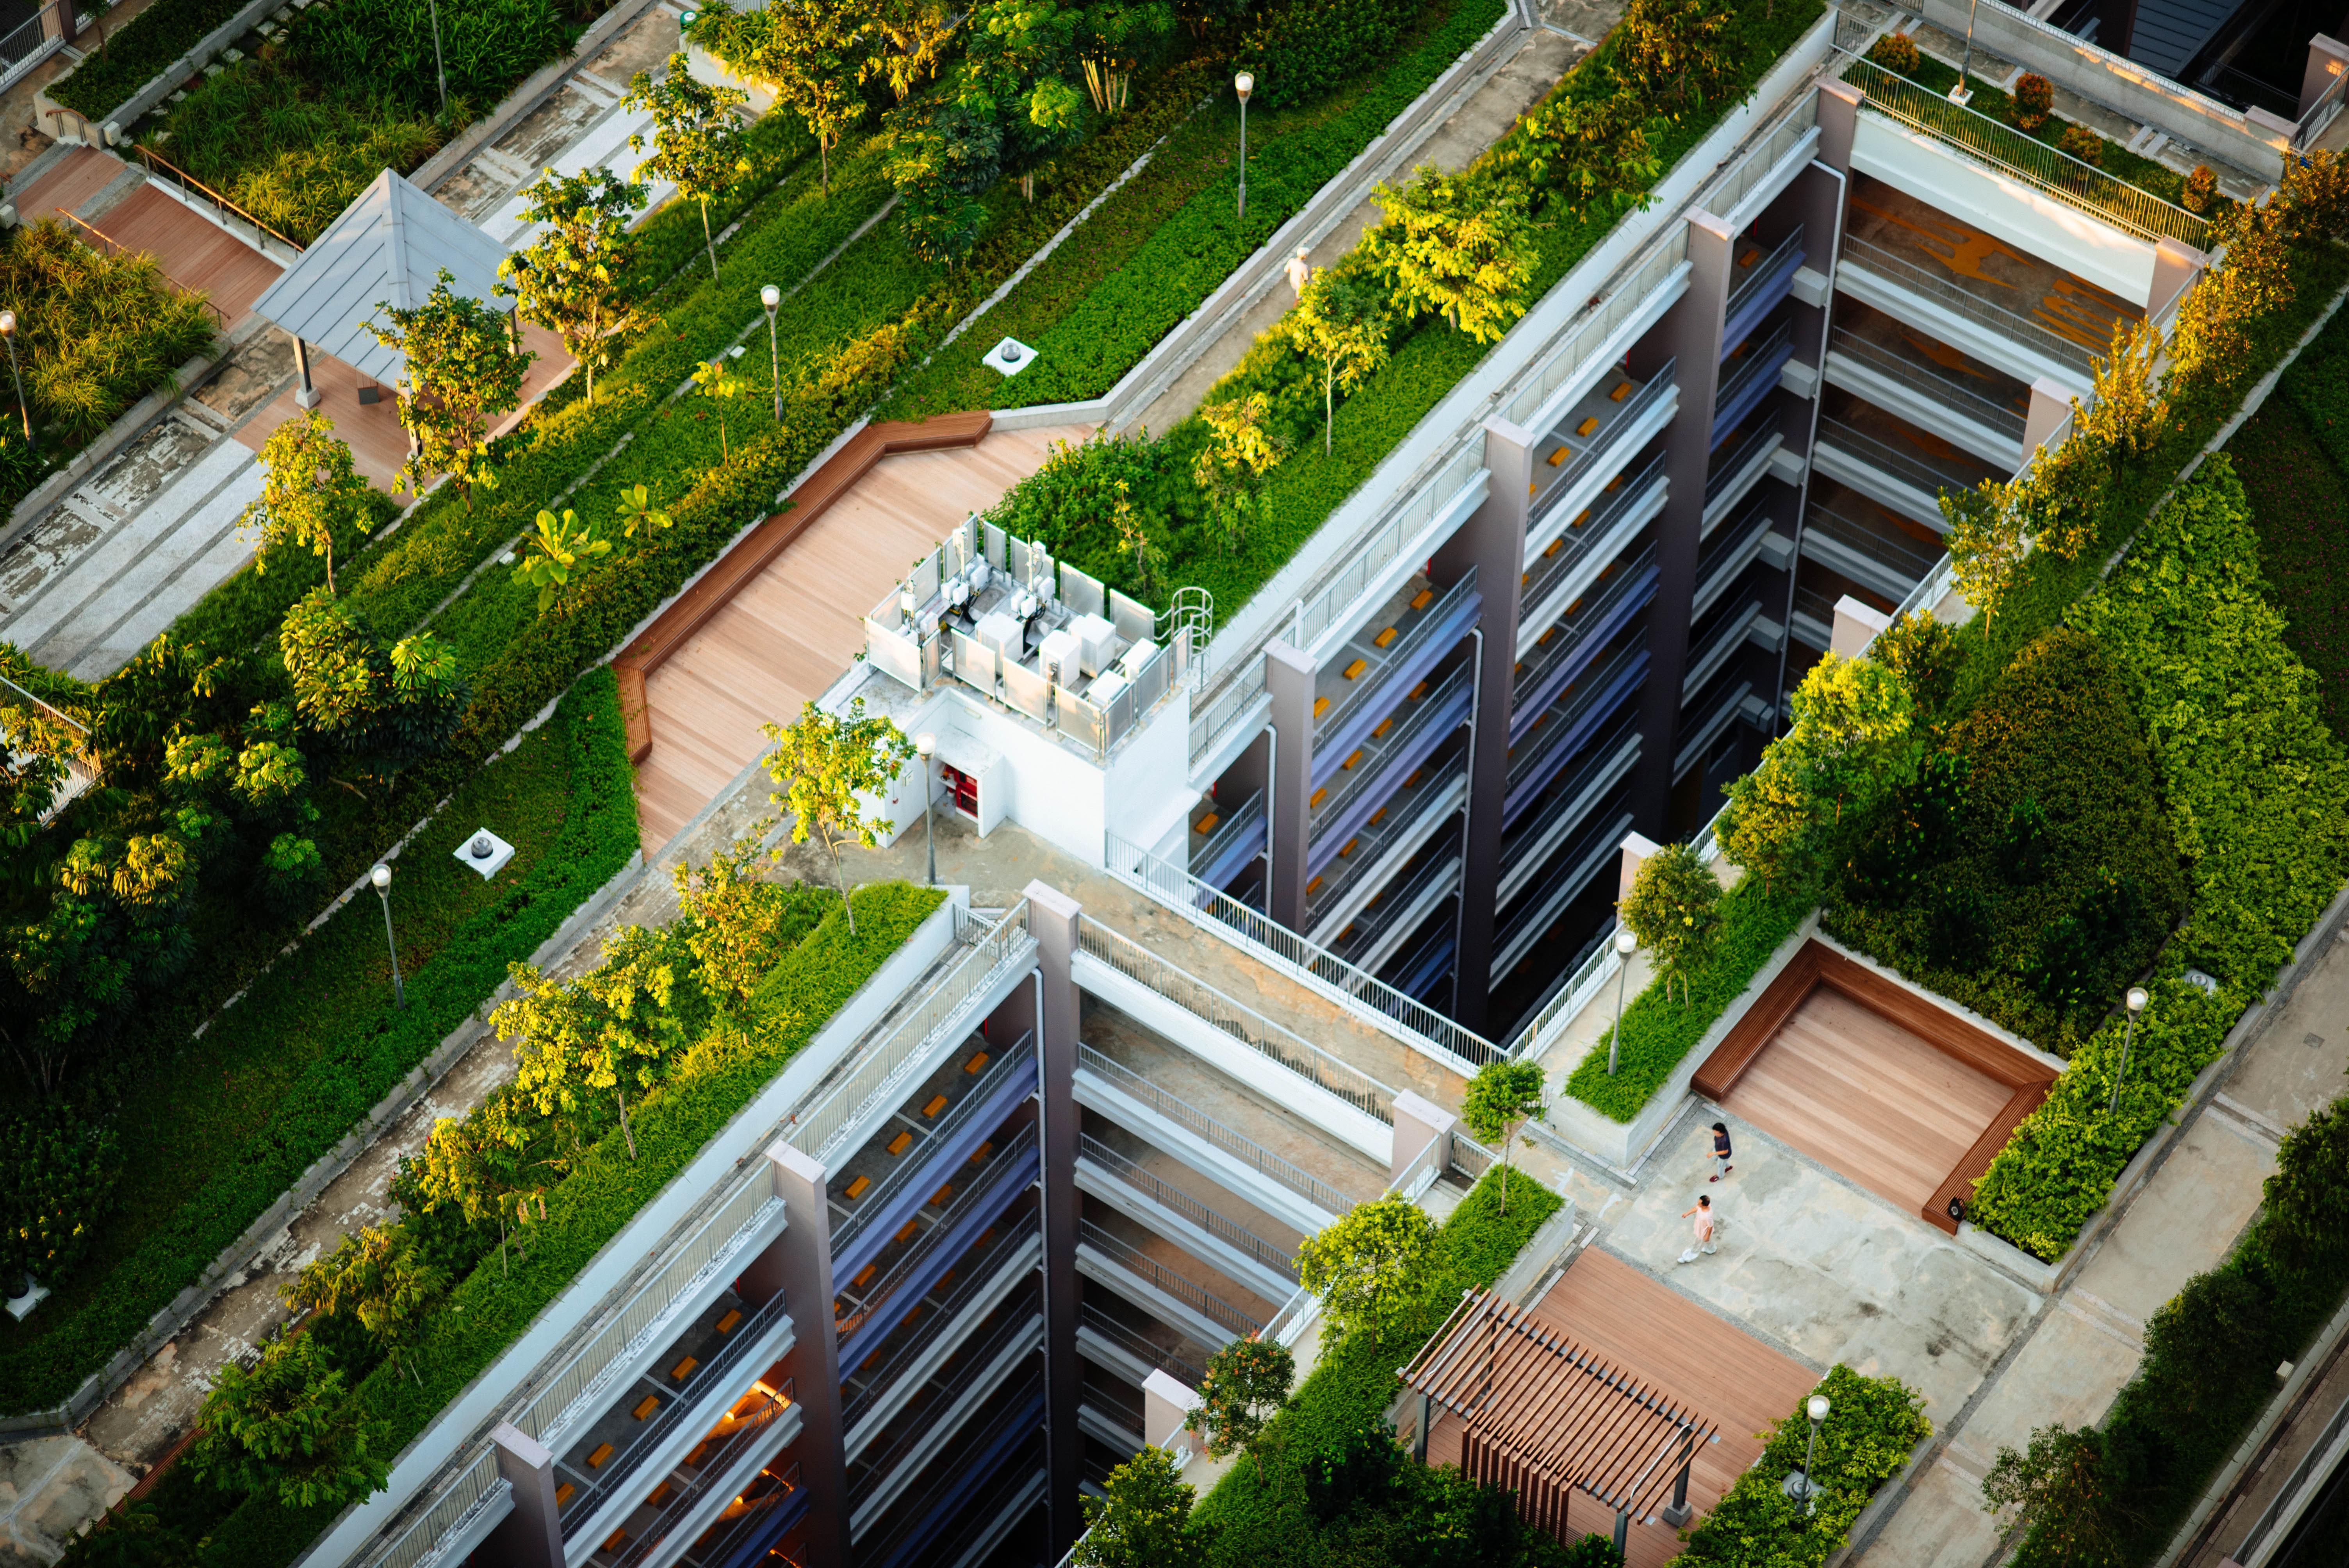 Techos verdes en la ciudad: la tendencia que potenció la cuarentena